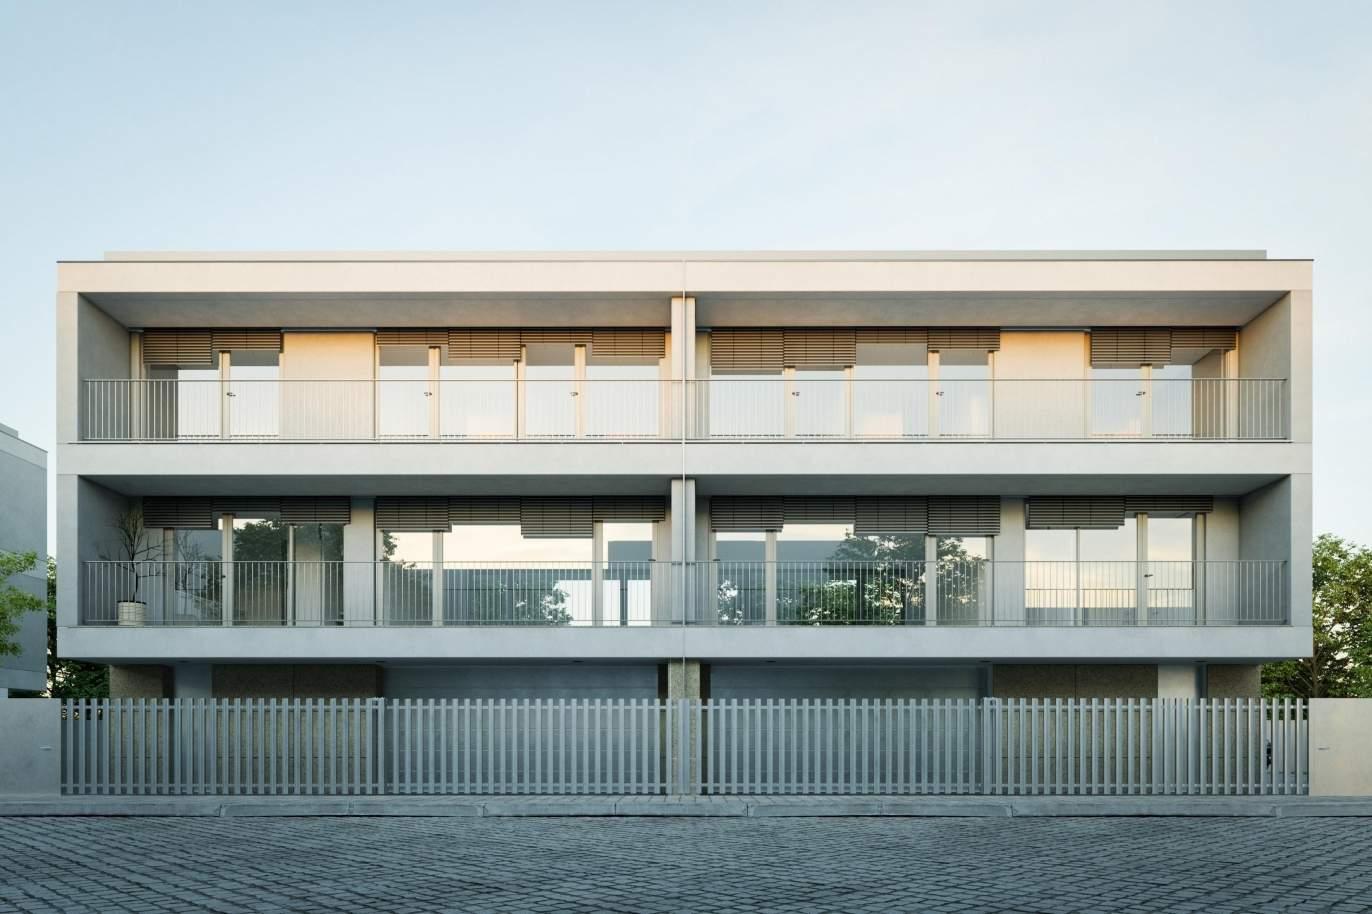 nouvelle-villa-de-3-chambres-avec-jardin-a-vendre-a-boavista-porto-portugal